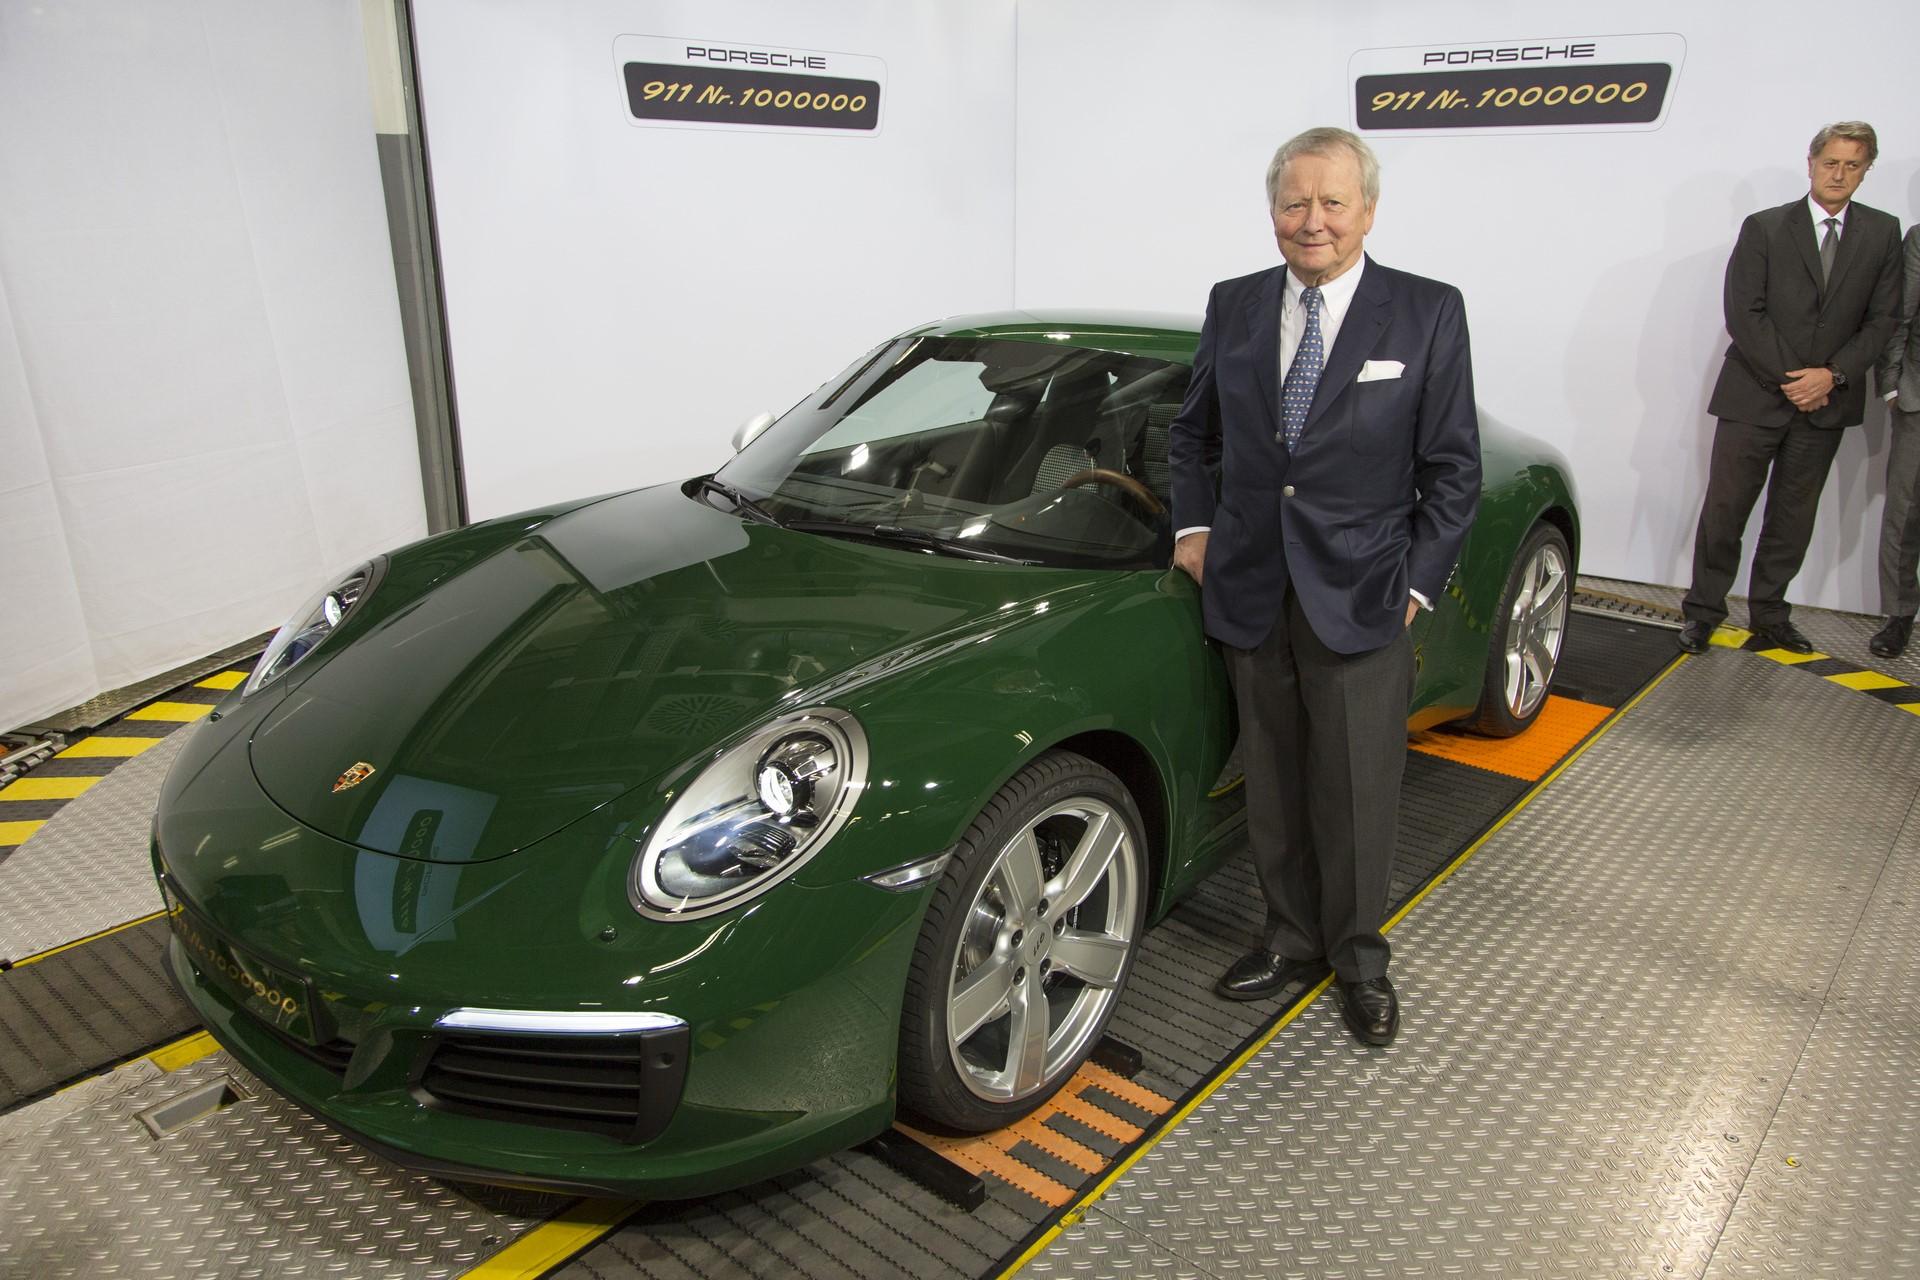 Porsche 911 1 million (2)